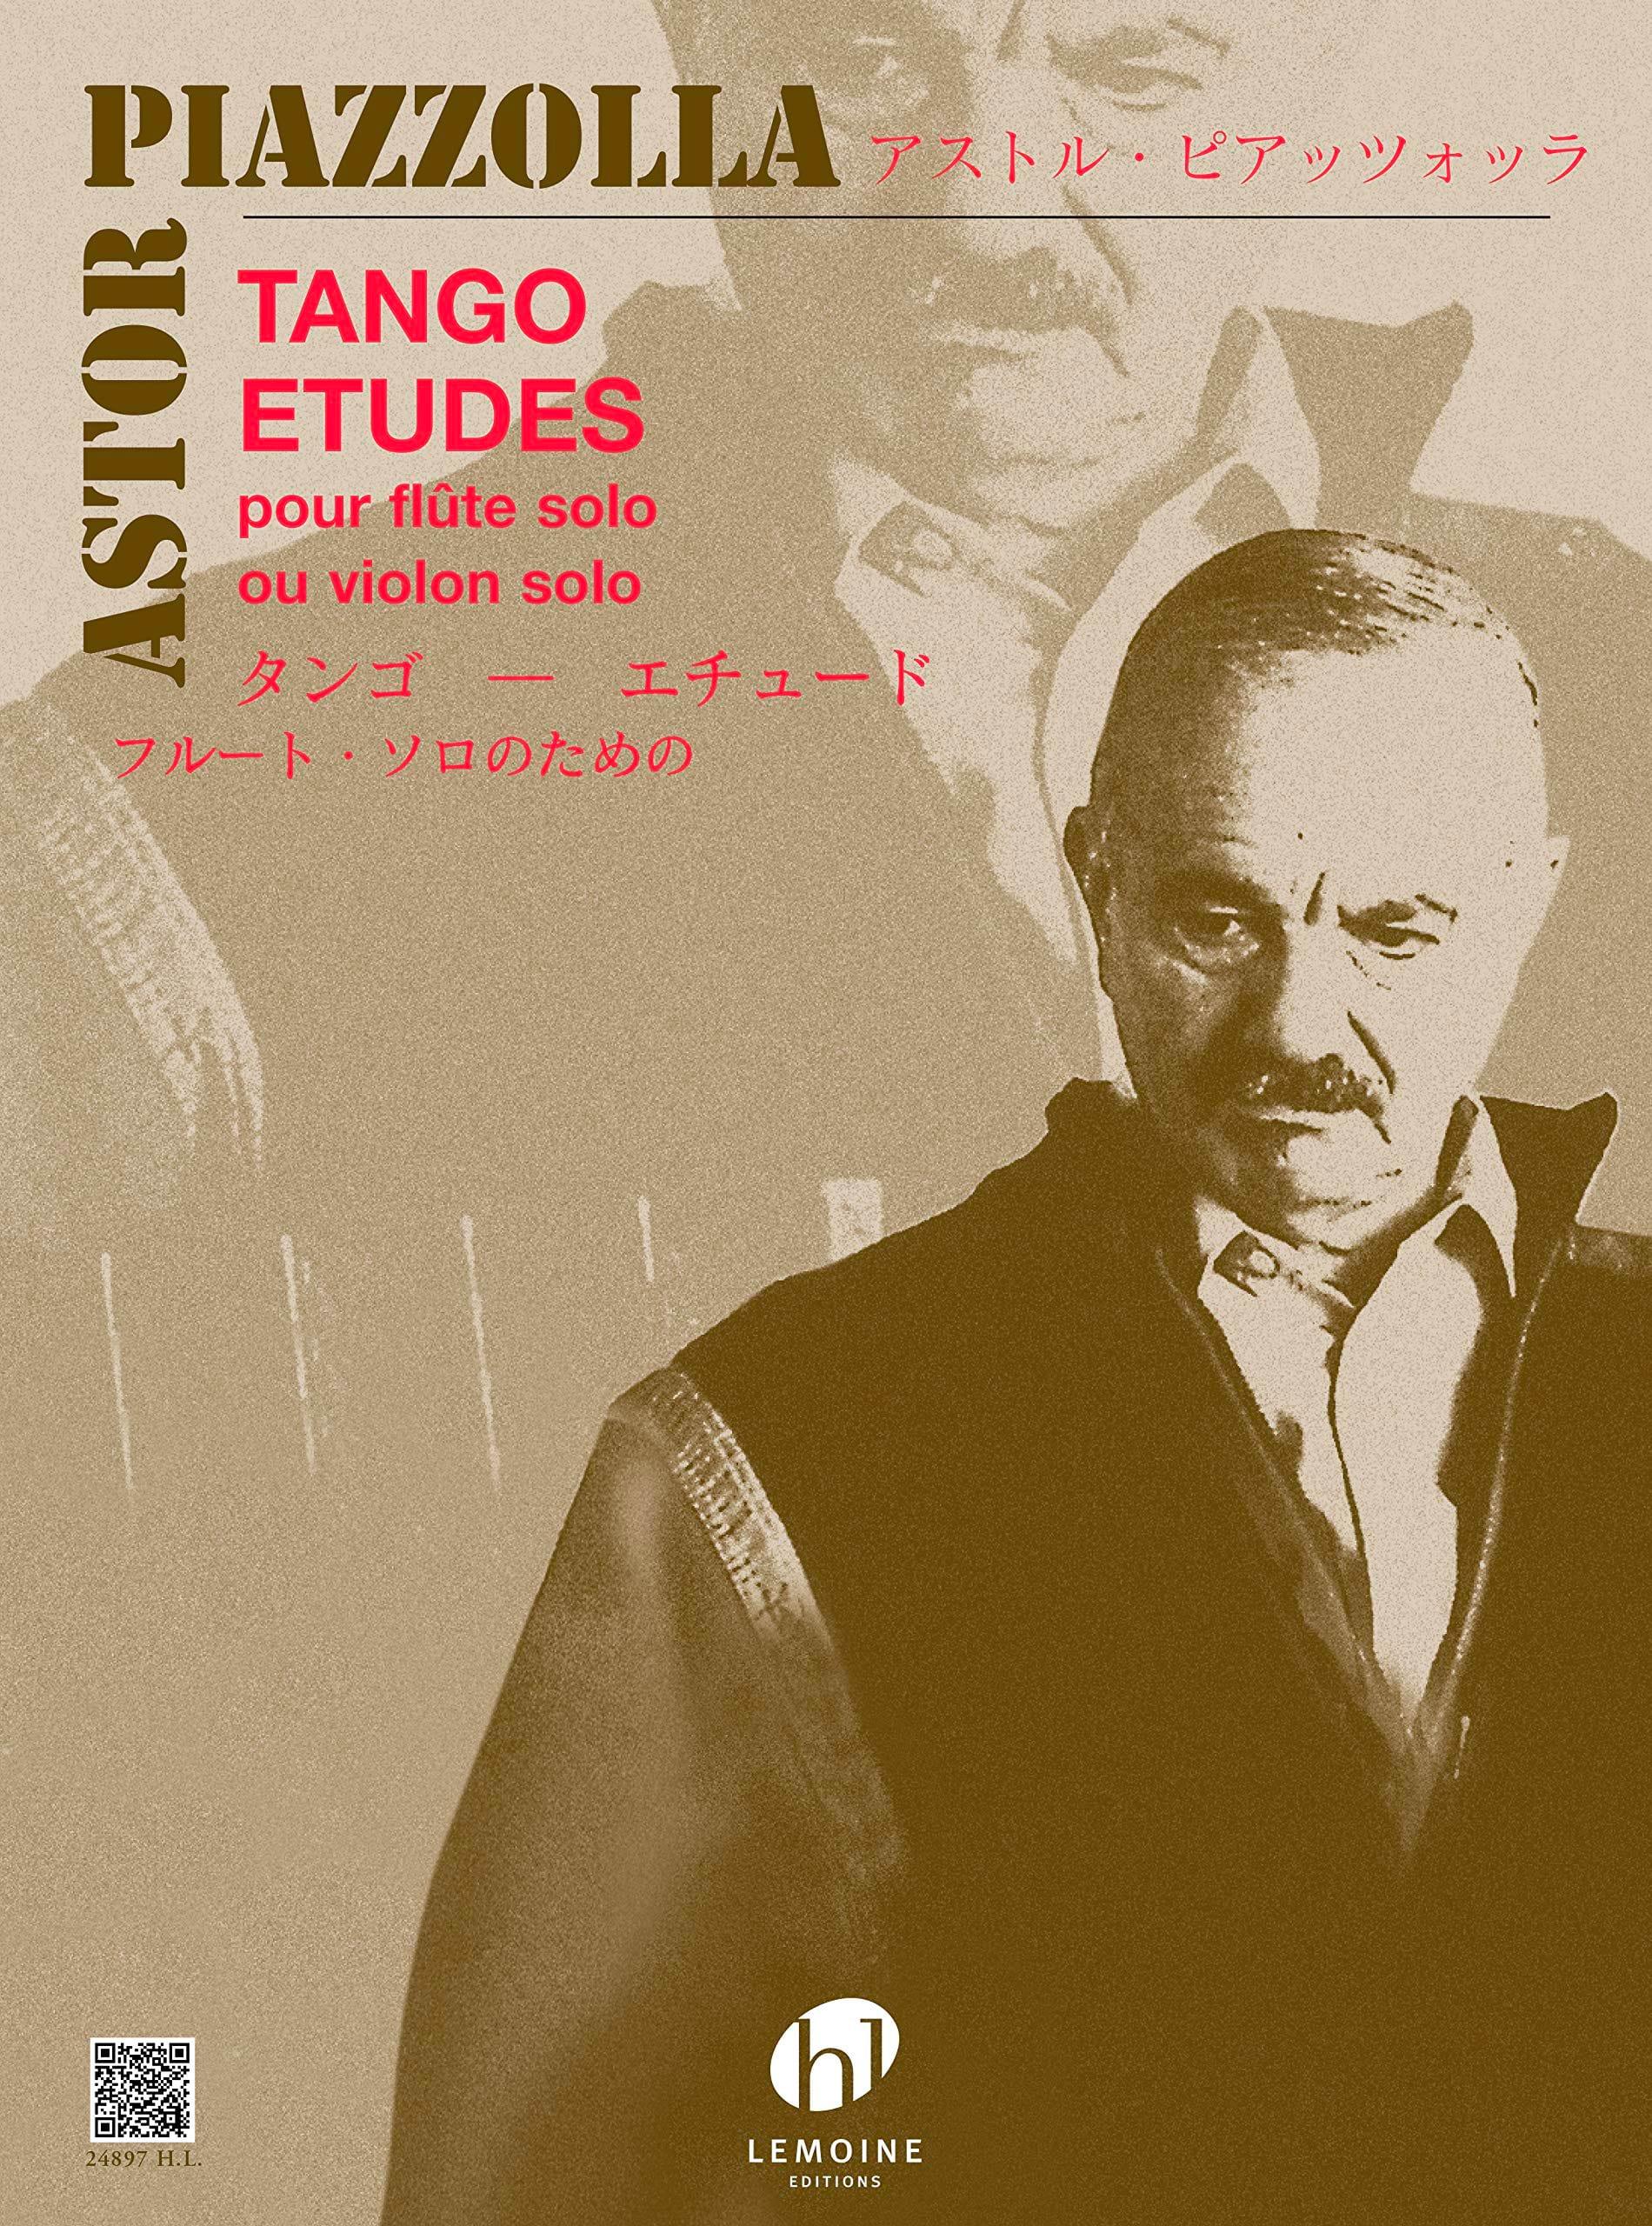 Tango-Etudes - Flute ou Violon - Astor Piazzolla - laflutedepan.com